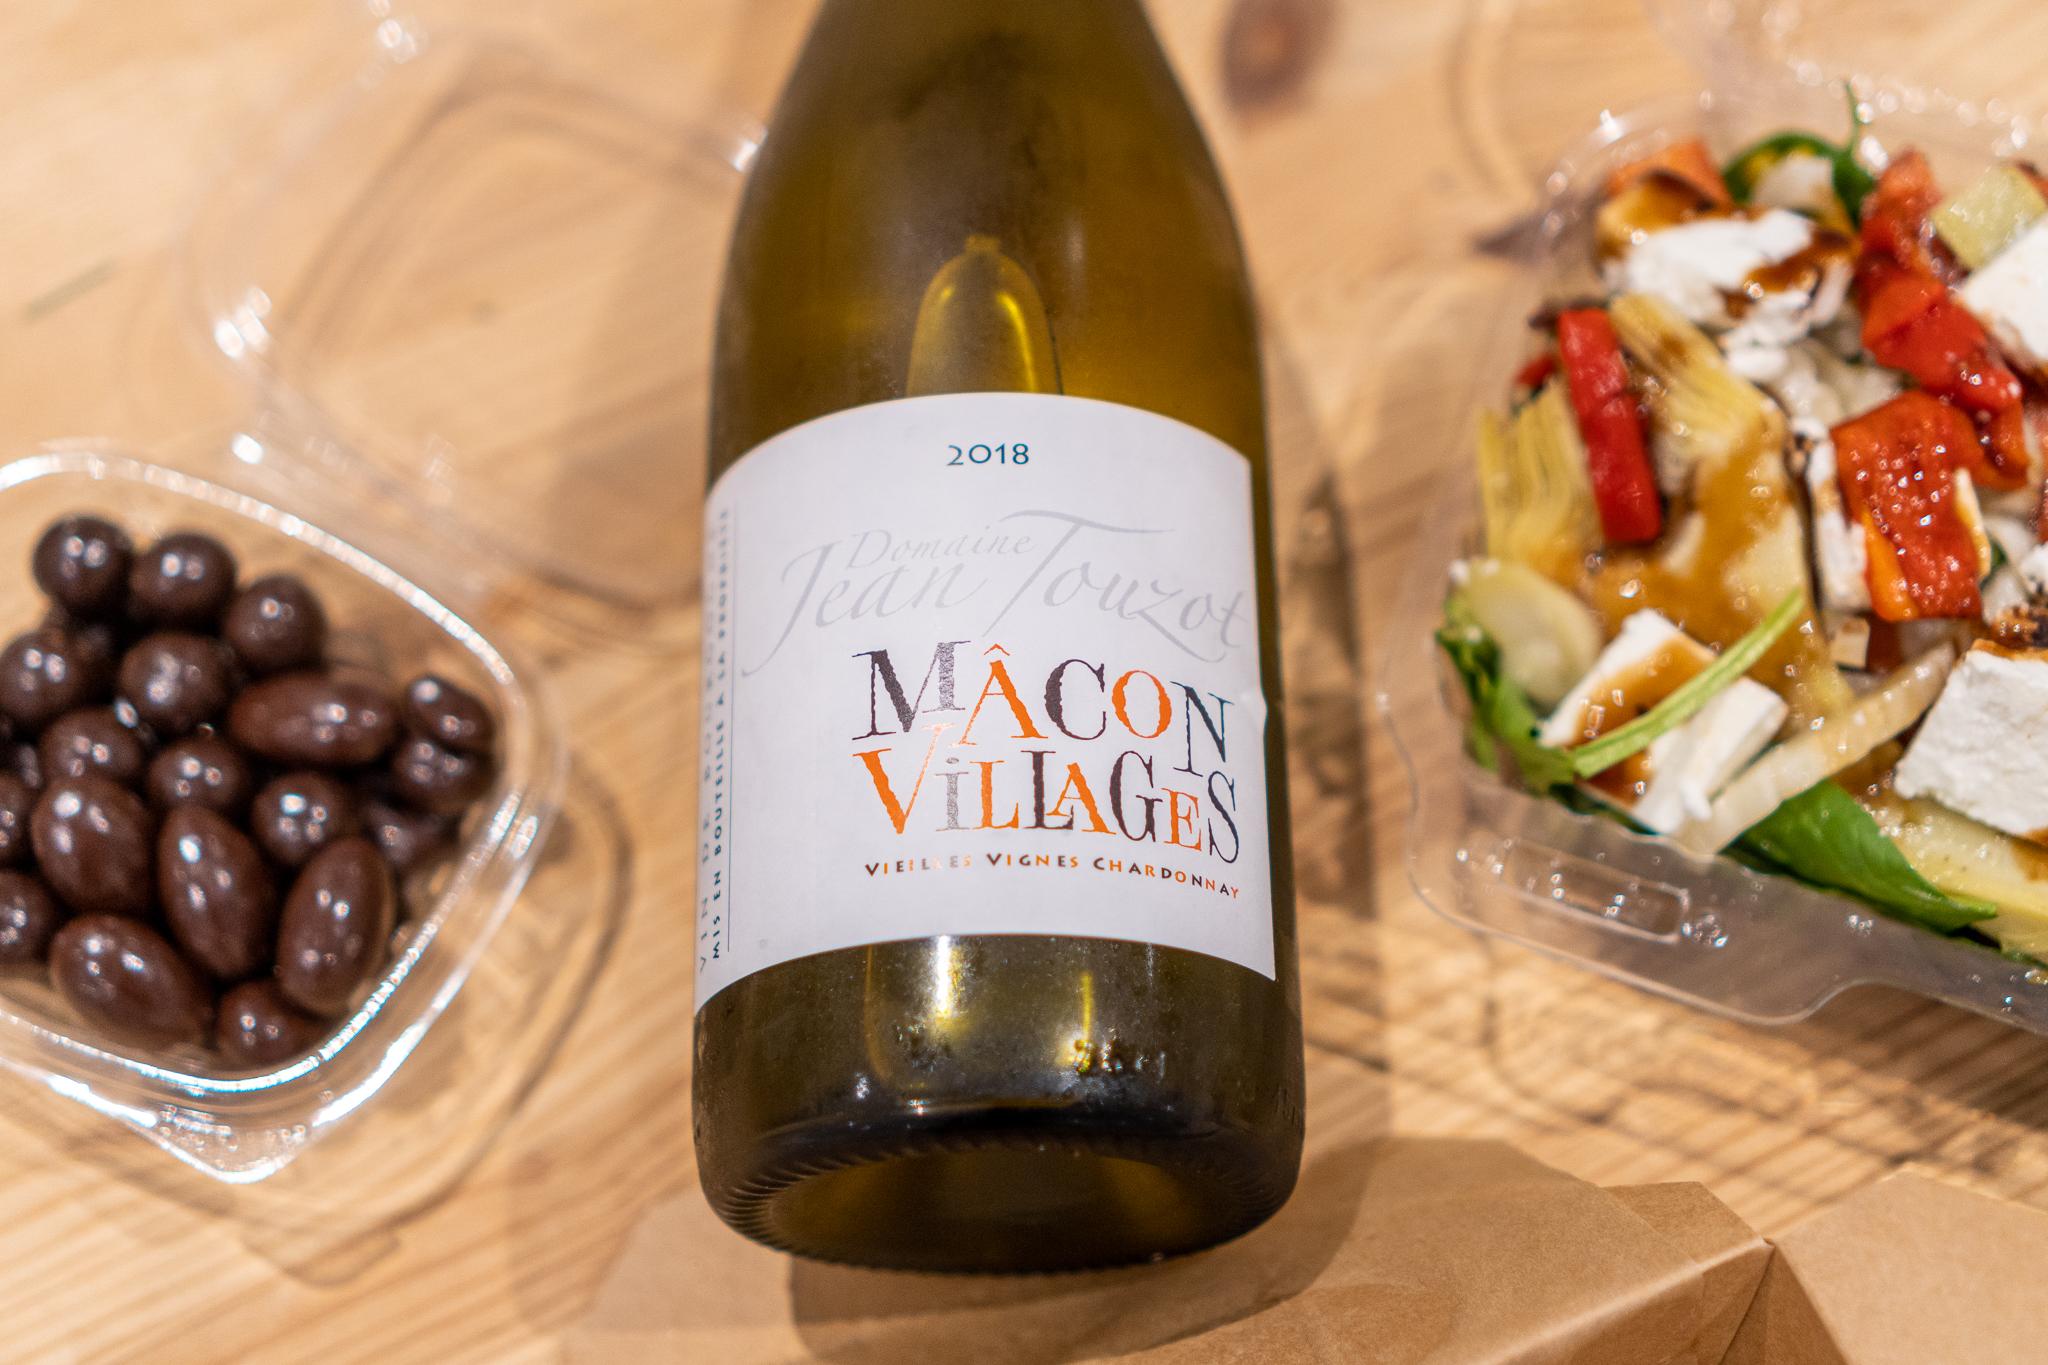 Must Wine Loft Chocolates, Chardonnay, and Vegetable Man Salad